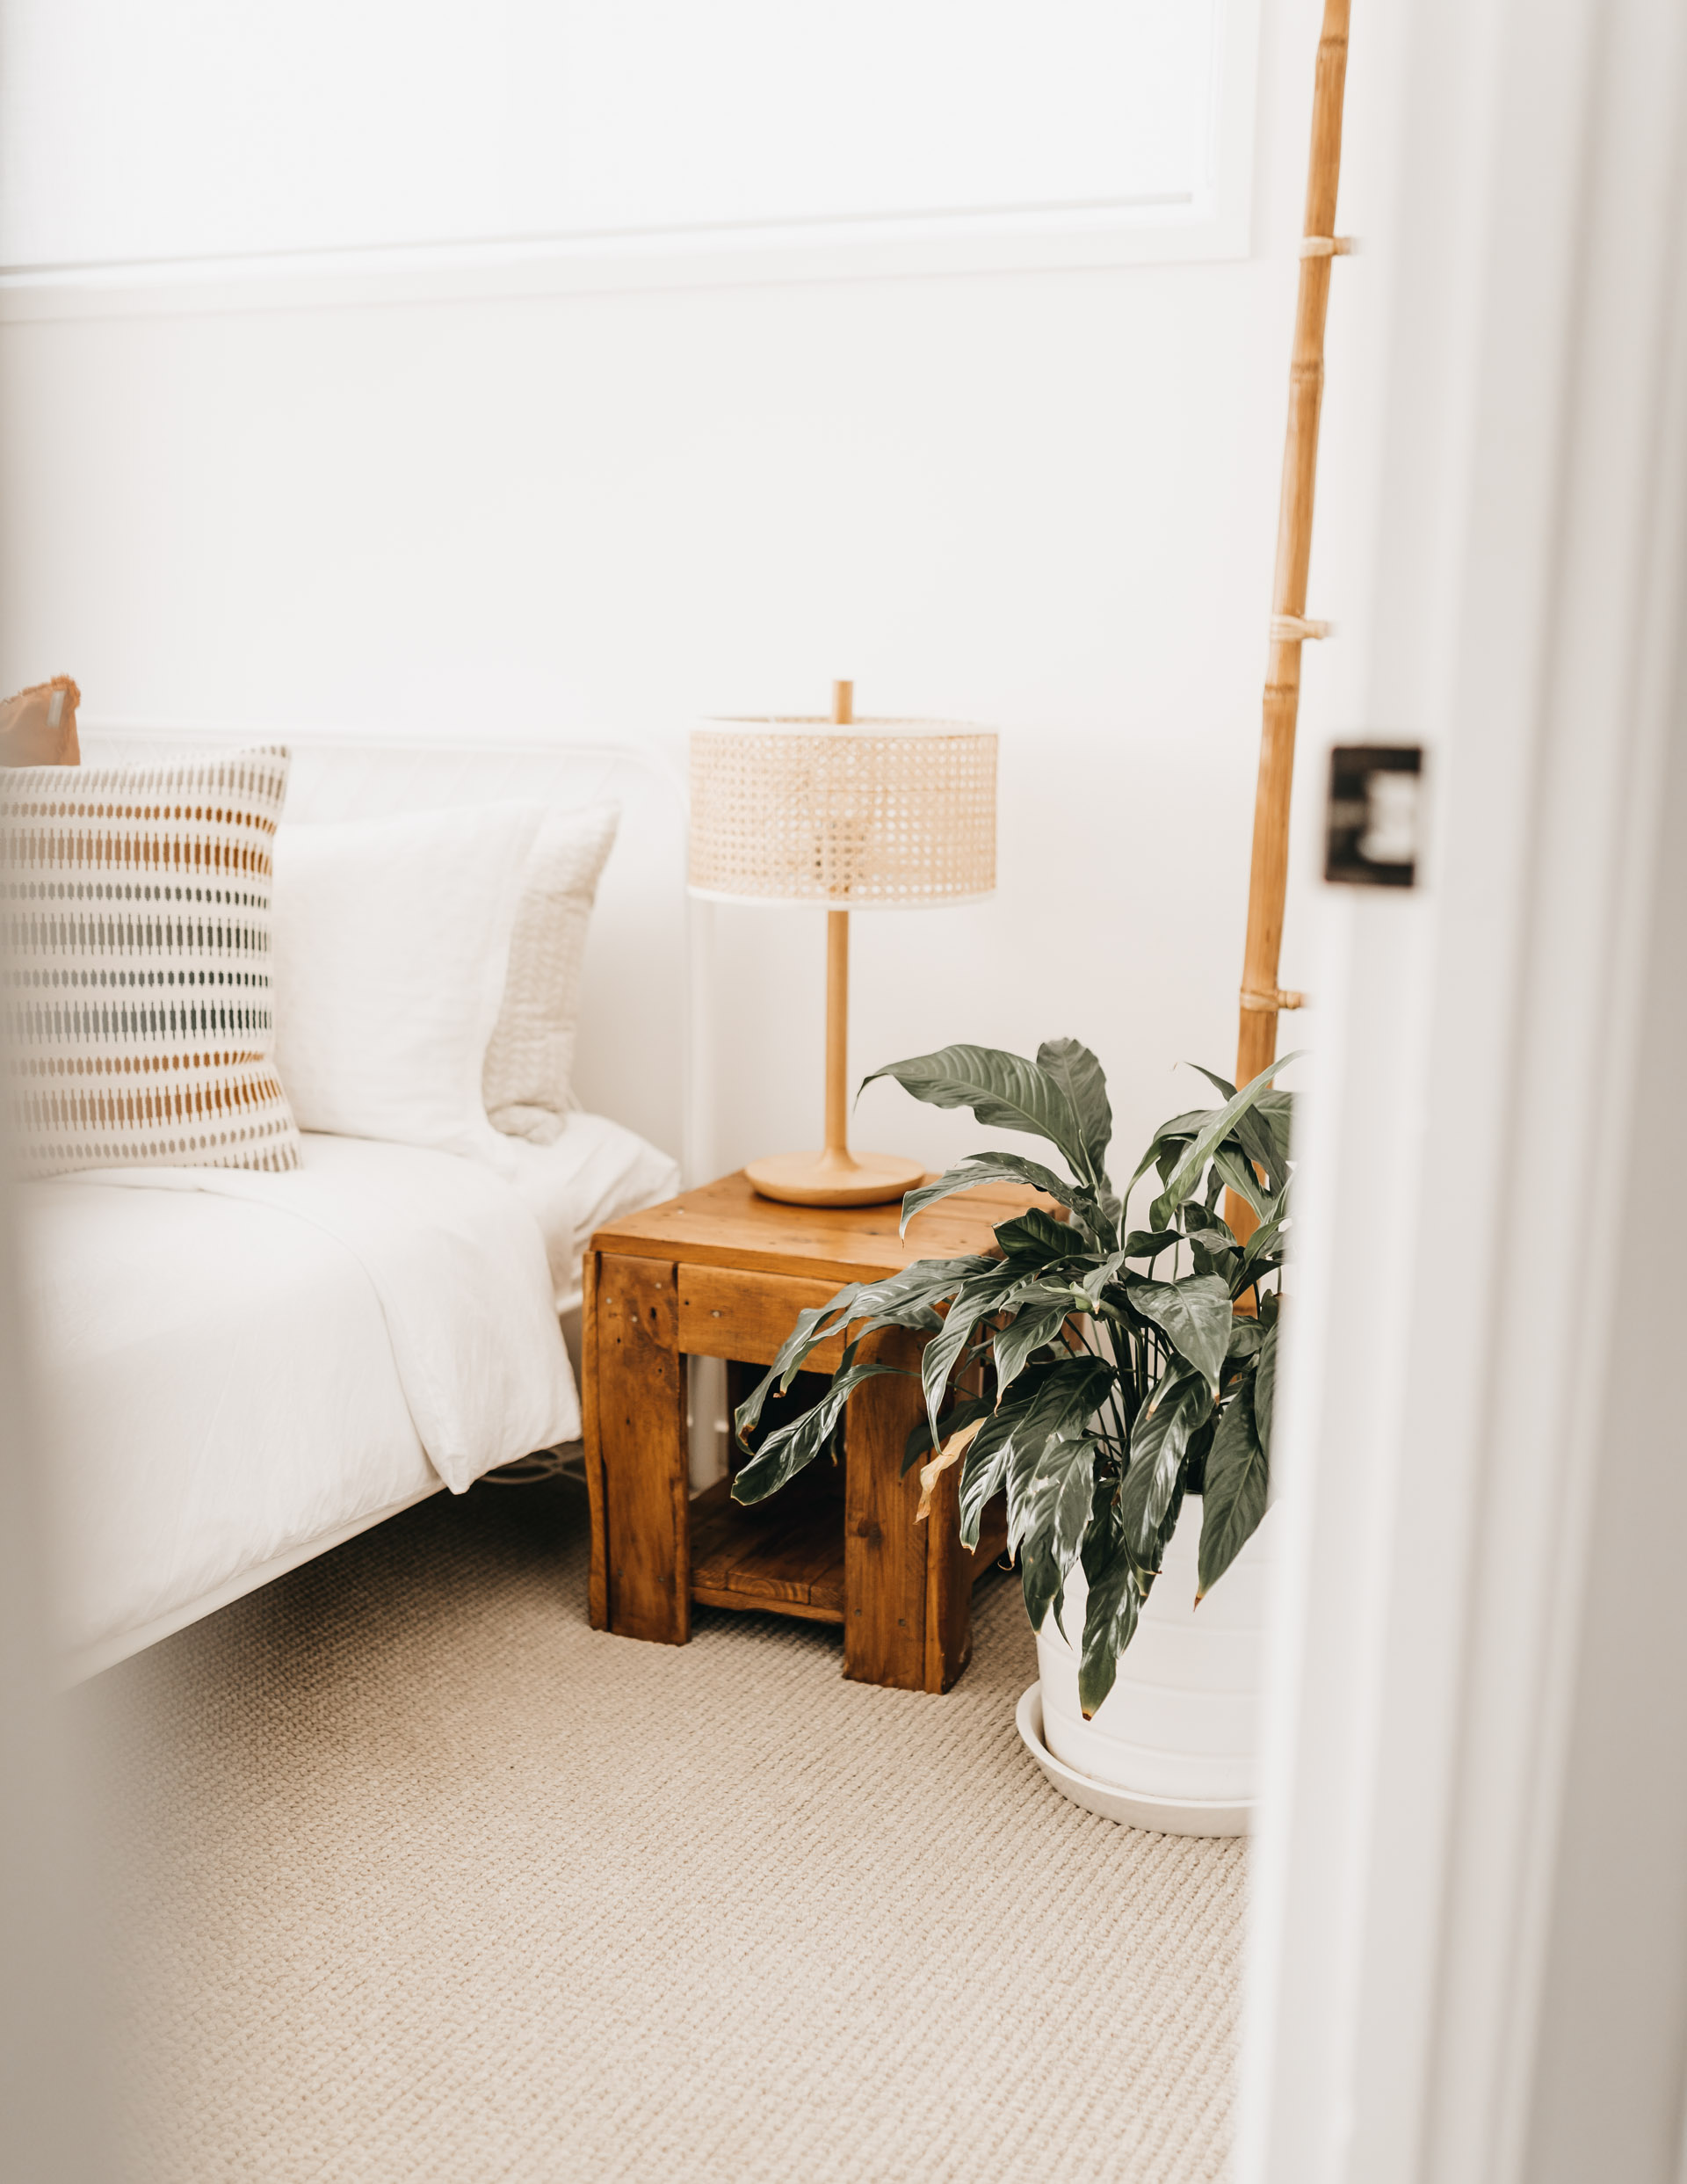 keira-mason-caba-cottage-bedroom-side-tables.jpg